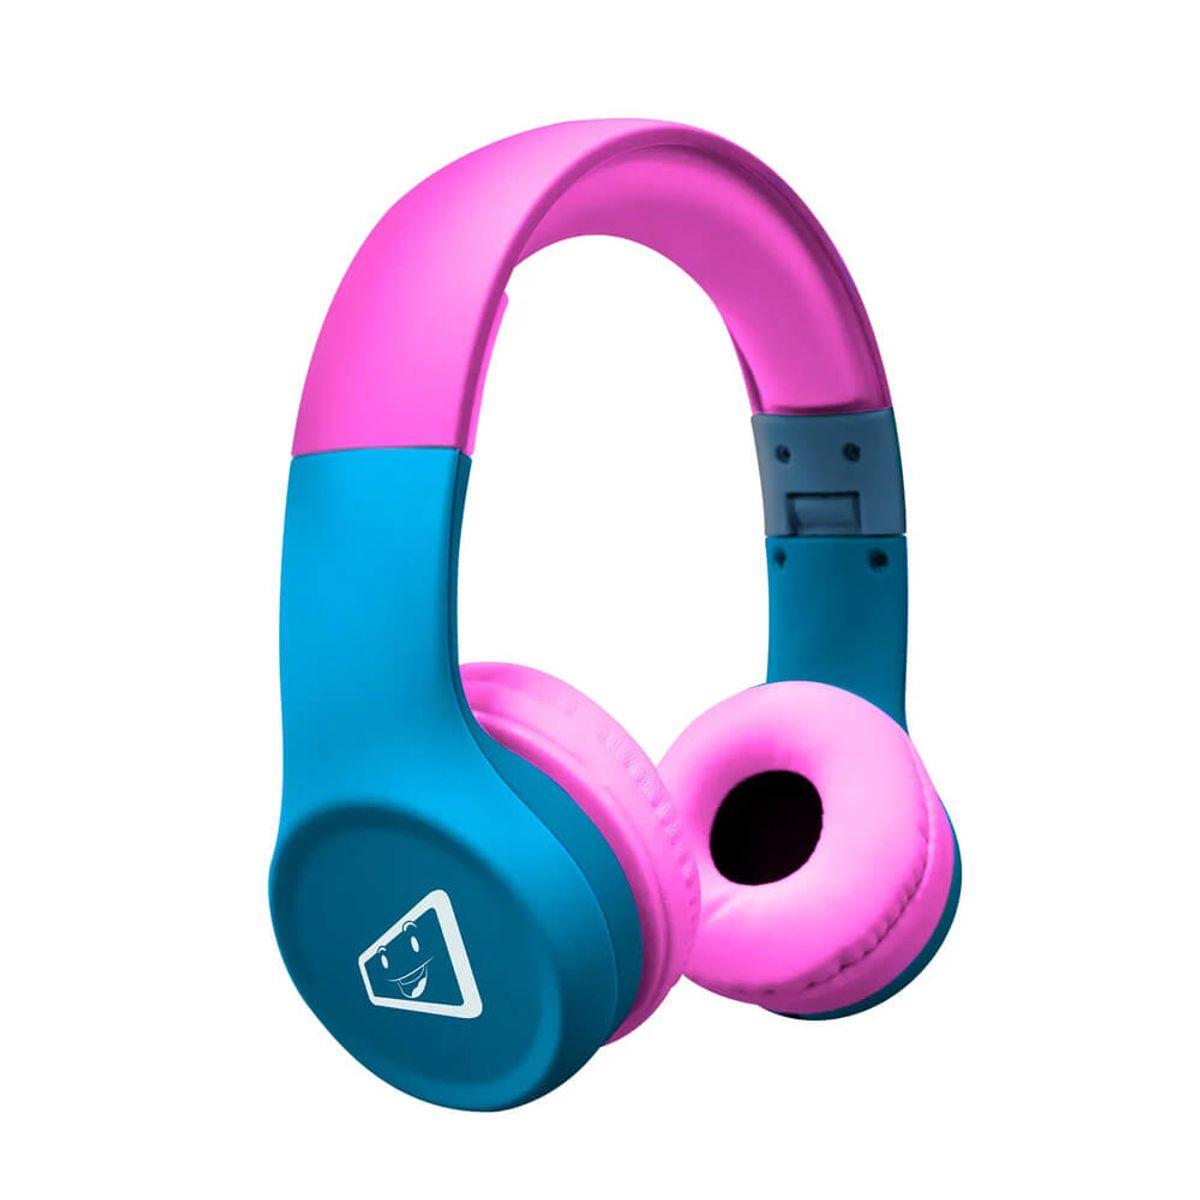 Fone de Ouvido Headphone Infantil Melody ELG